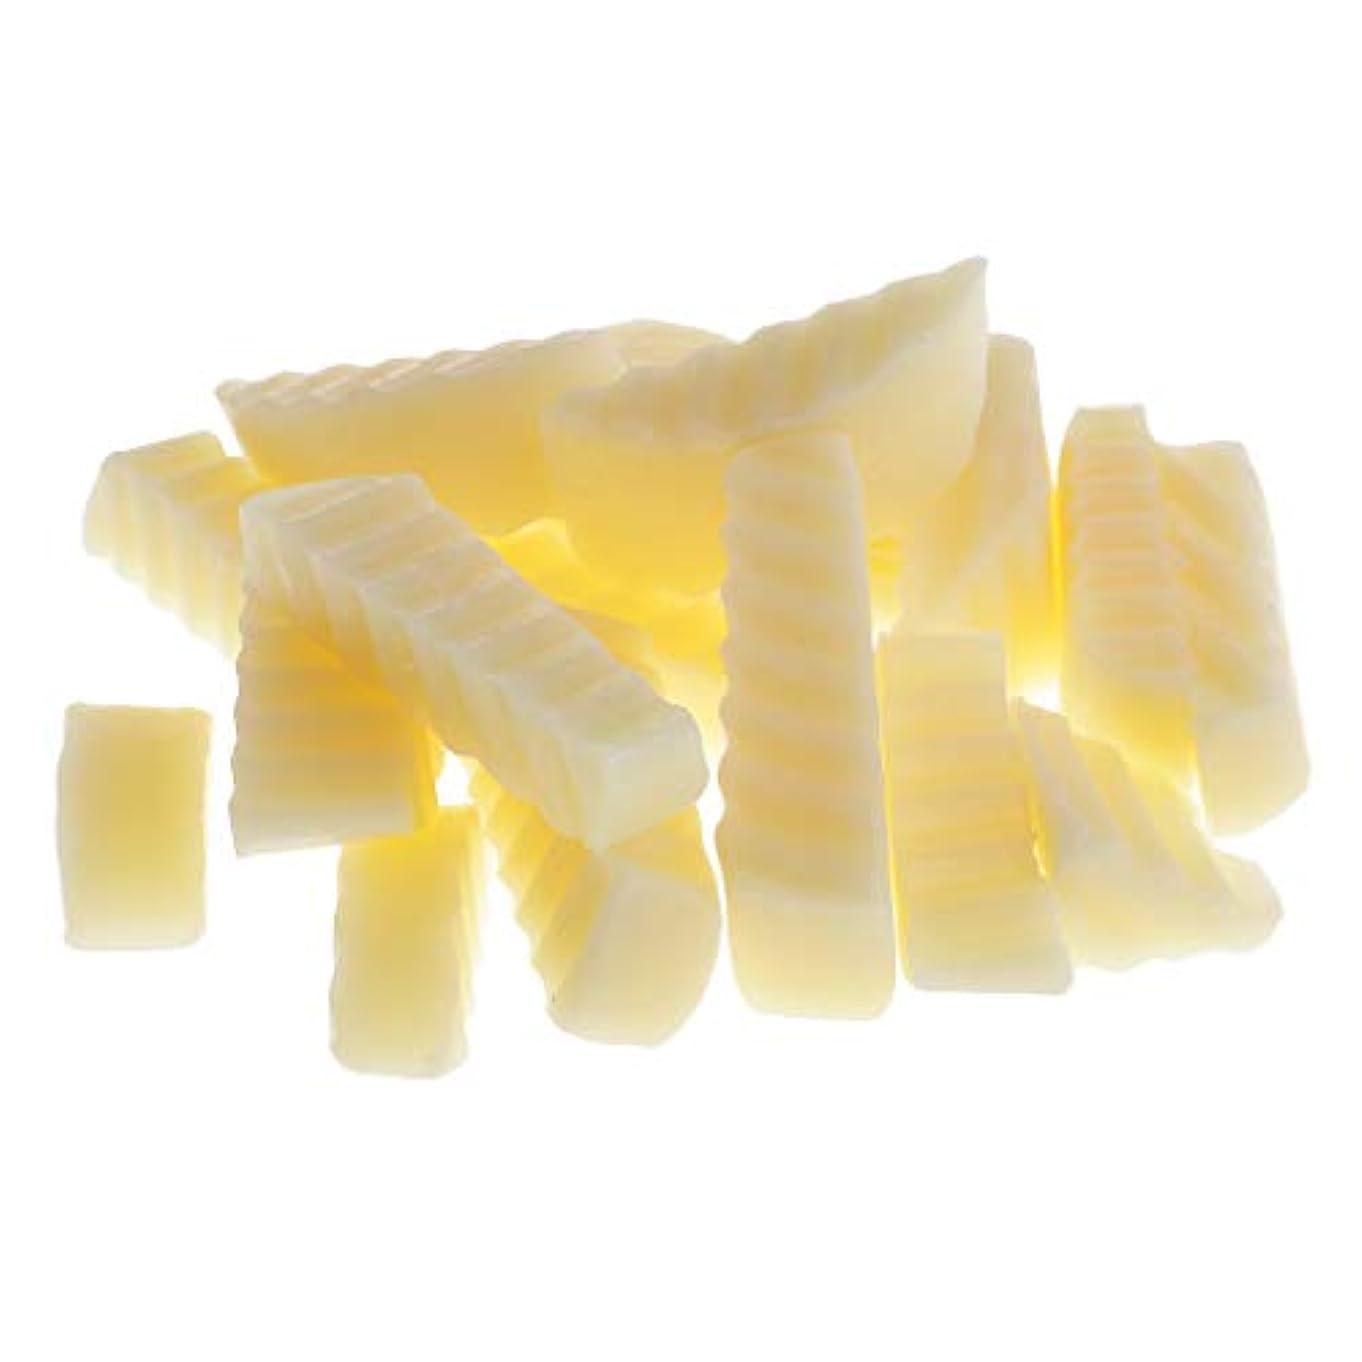 創始者明らかにする広告Perfeclan 約250g /パック ラノリン石鹸 自然な素材 DIY手作り 石鹸 固形せっけん 使いやすい